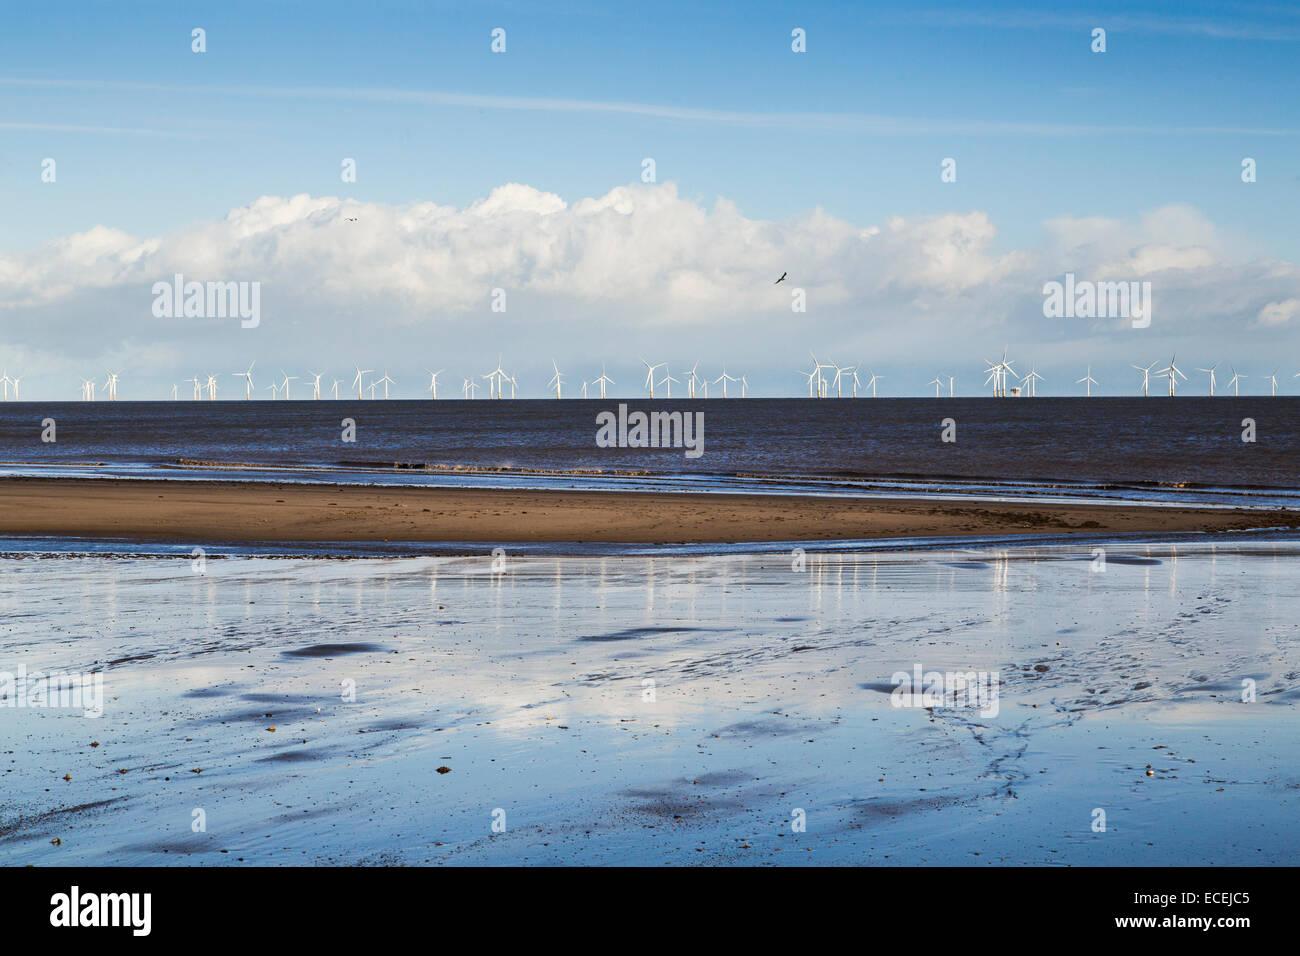 Une ferme éolienne à l'horizon à la station balnéaire de Skegness, UK Photo Stock